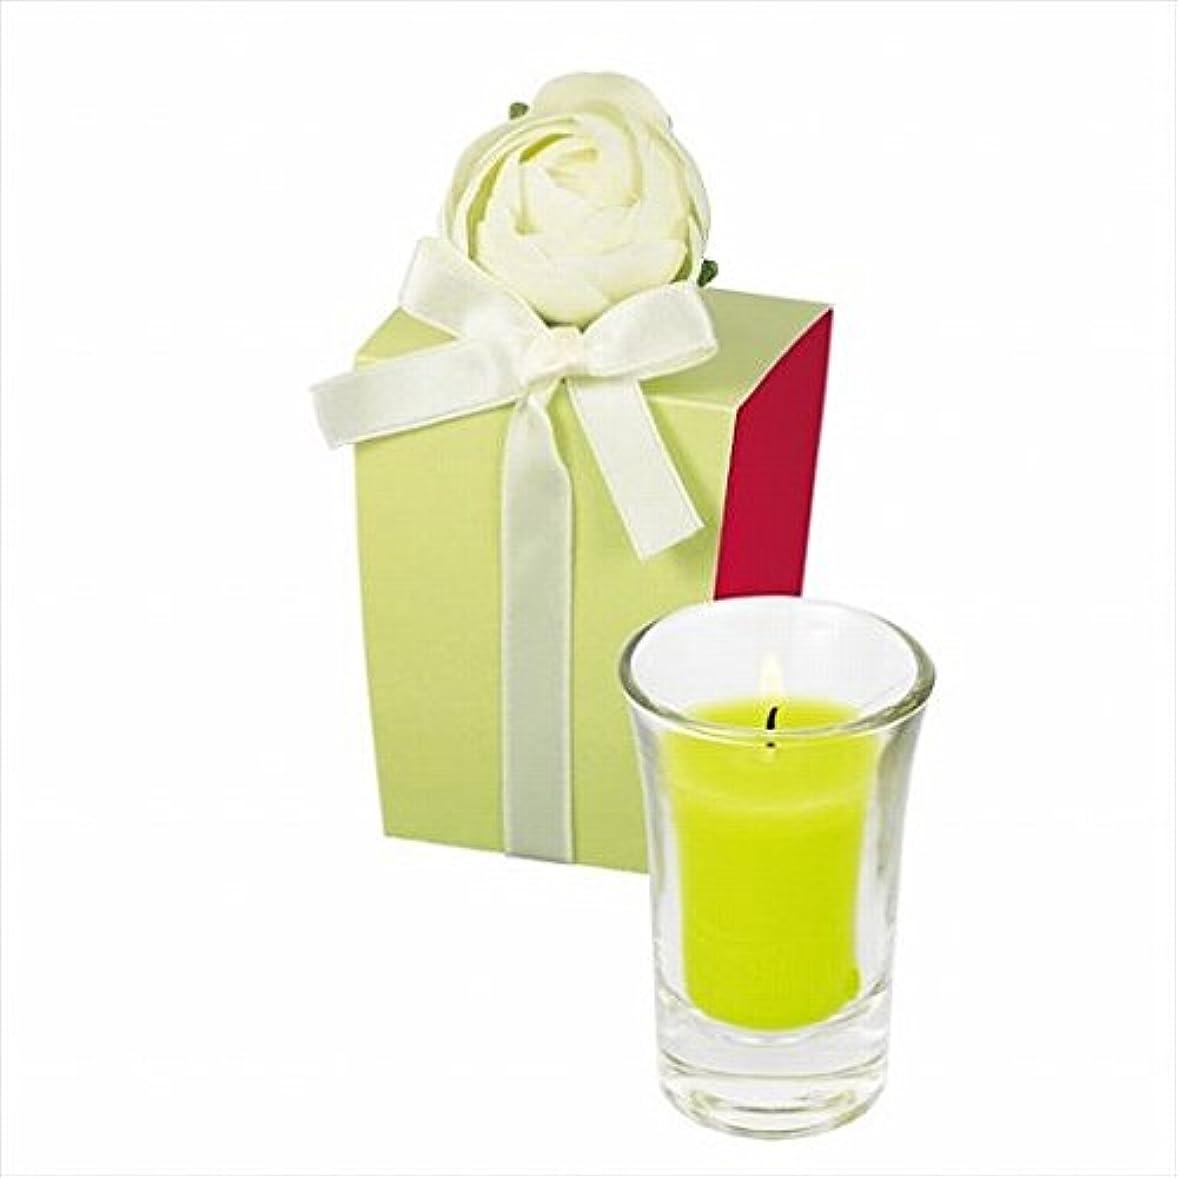 はしご変形する栄光カメヤマキャンドル(kameyama candle) ラナンキュラスグラスキャンドル 「 ライトグリーン 」